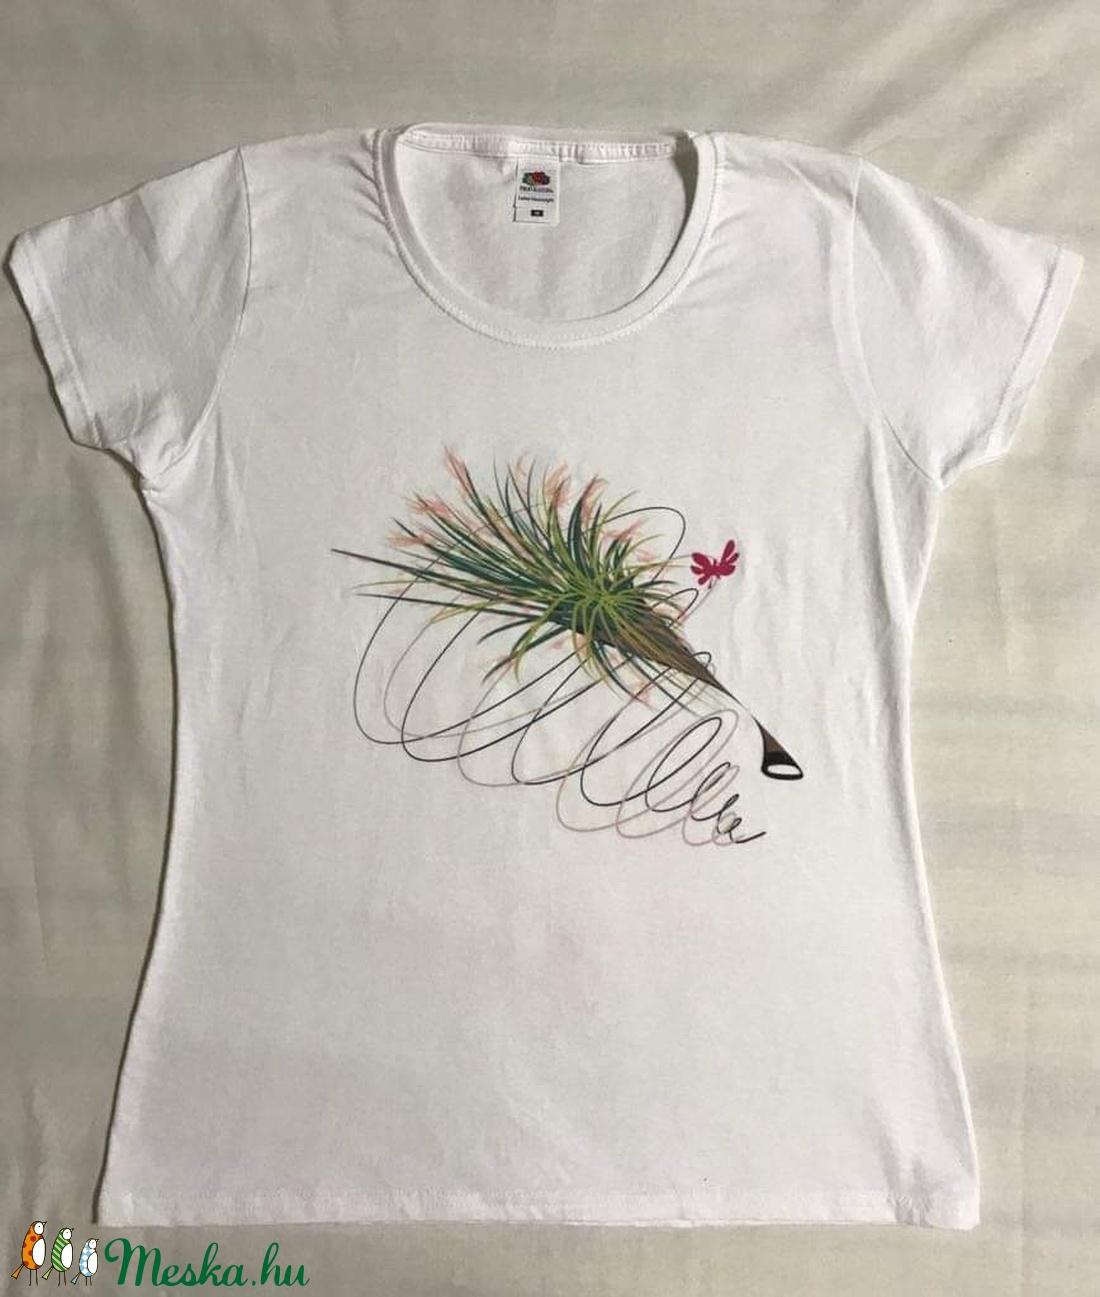 Virágos női póló saját készítésű mintával - ruha & divat - női ruha - póló, felső - Meska.hu